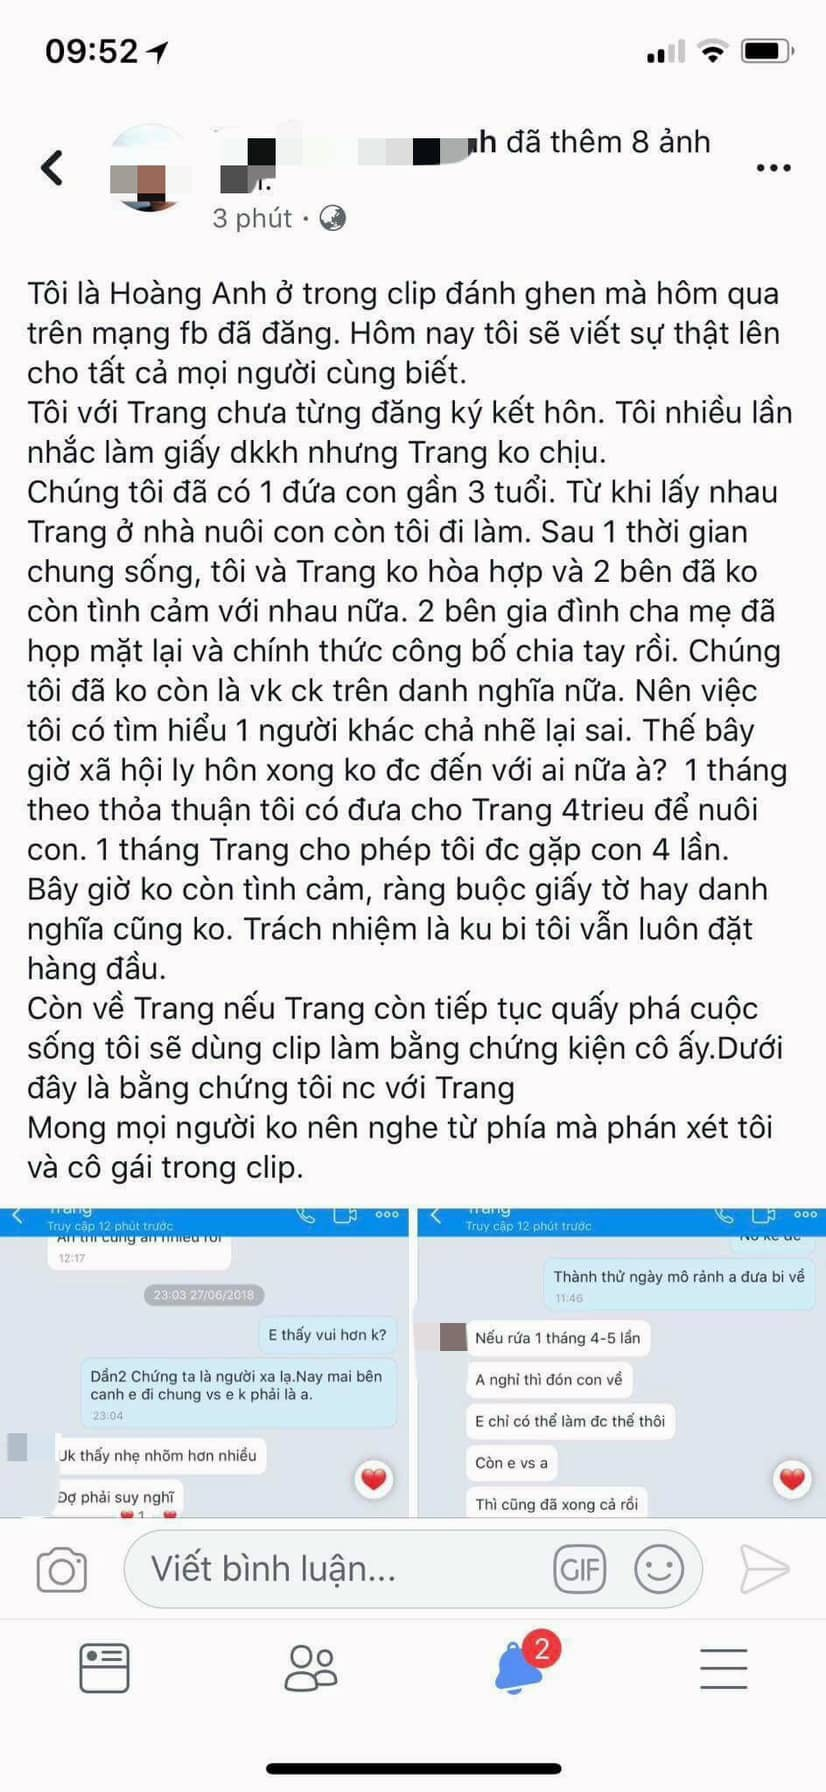 Vụ đánh ghen ở Nghệ An: Người chồng lên tiếng nếu cô ấy còn quấy phá tôi sẽ kiện - Ảnh 1.